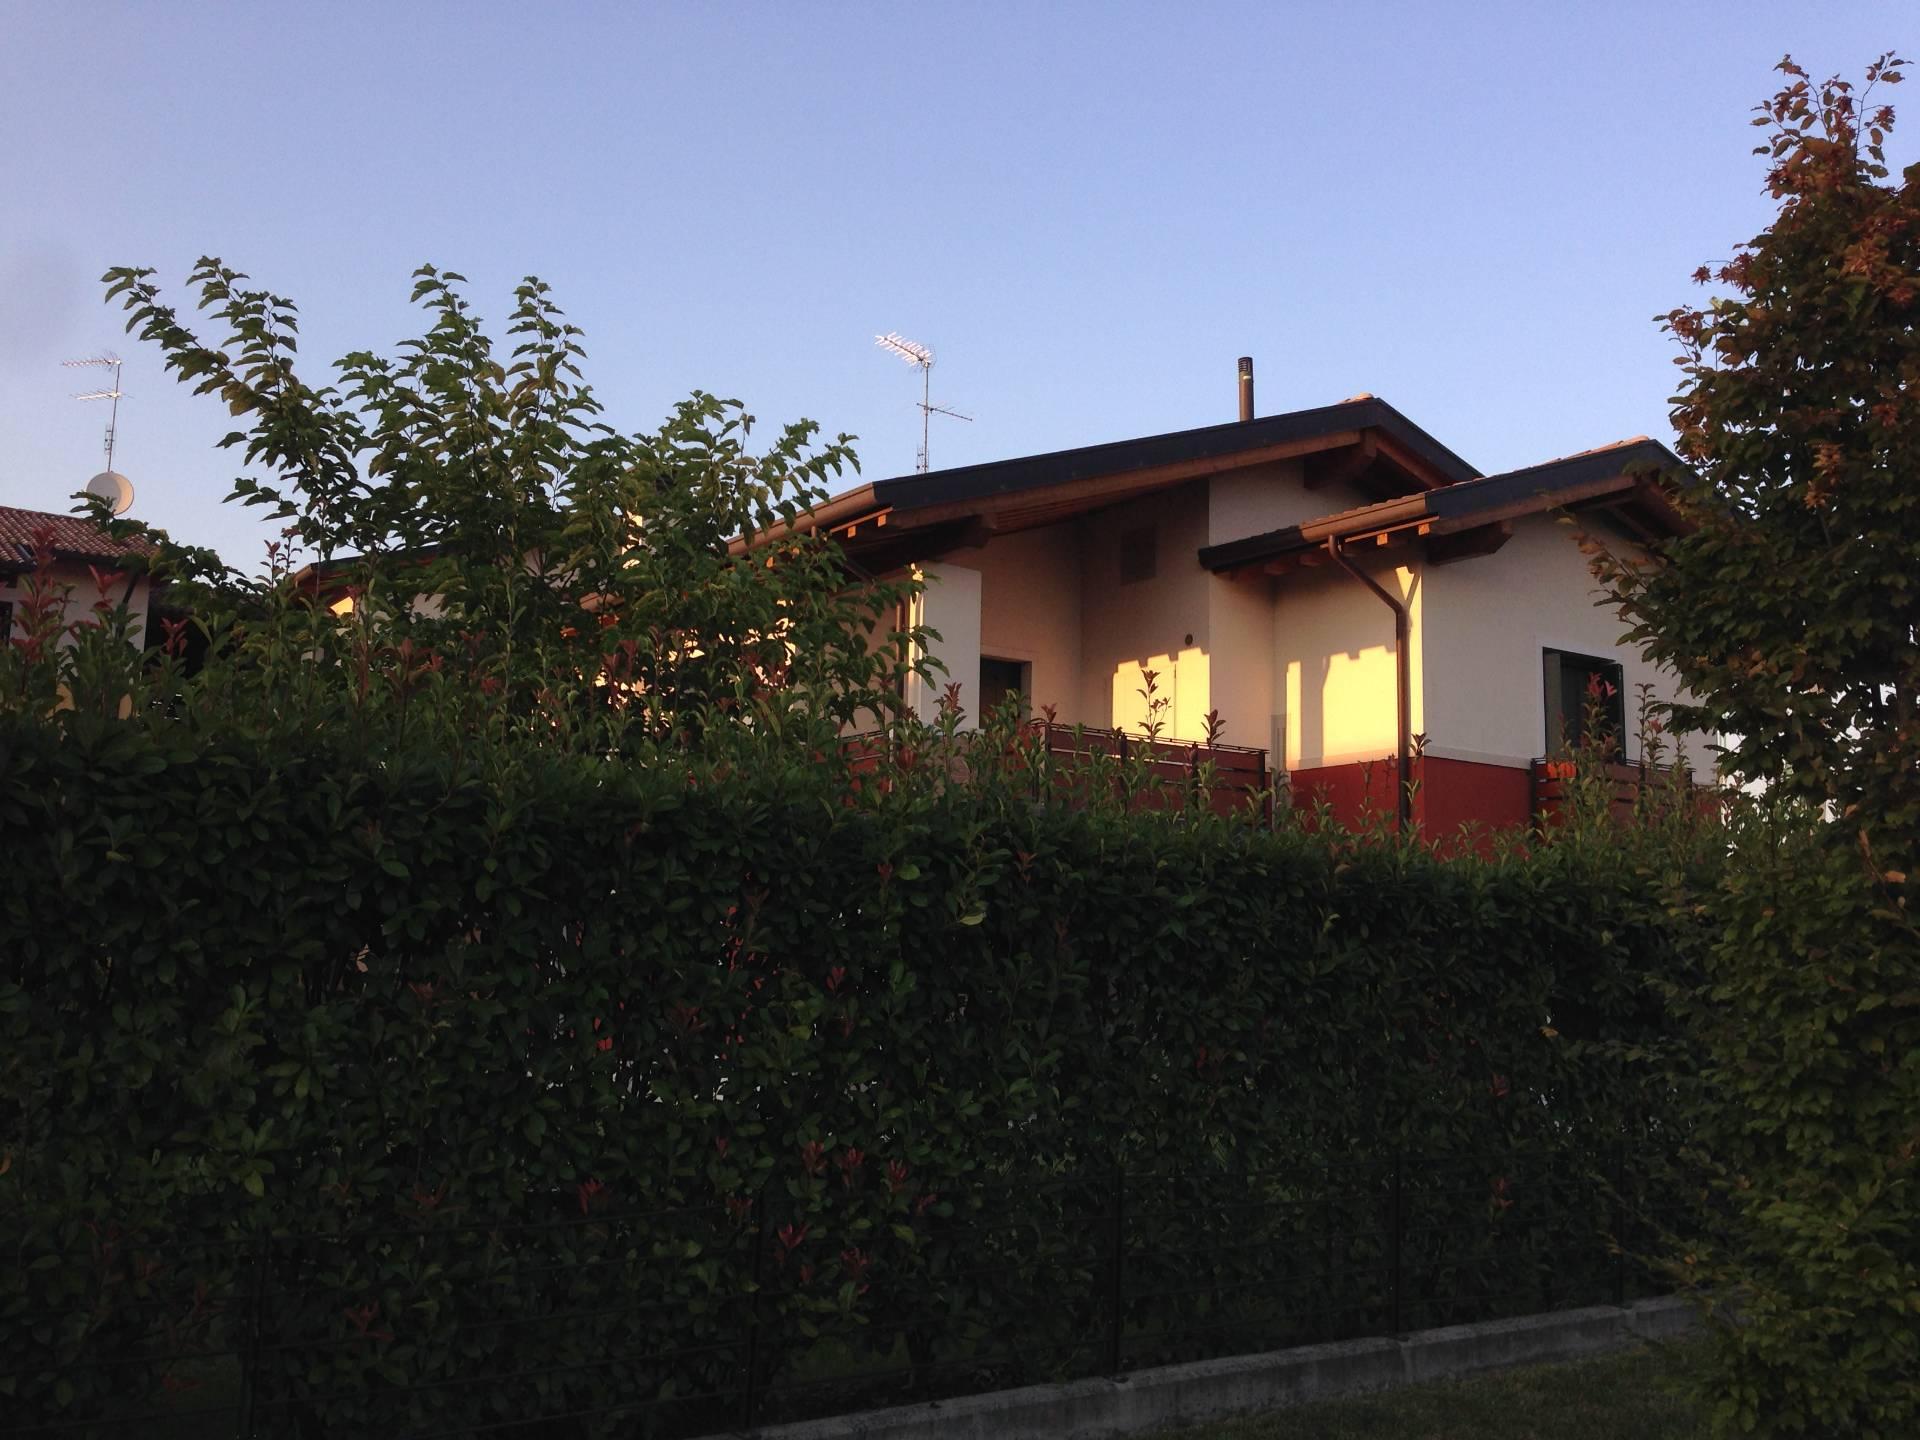 Appartamento in vendita a Porcia, 3 locali, prezzo € 185.000 | Cambio Casa.it